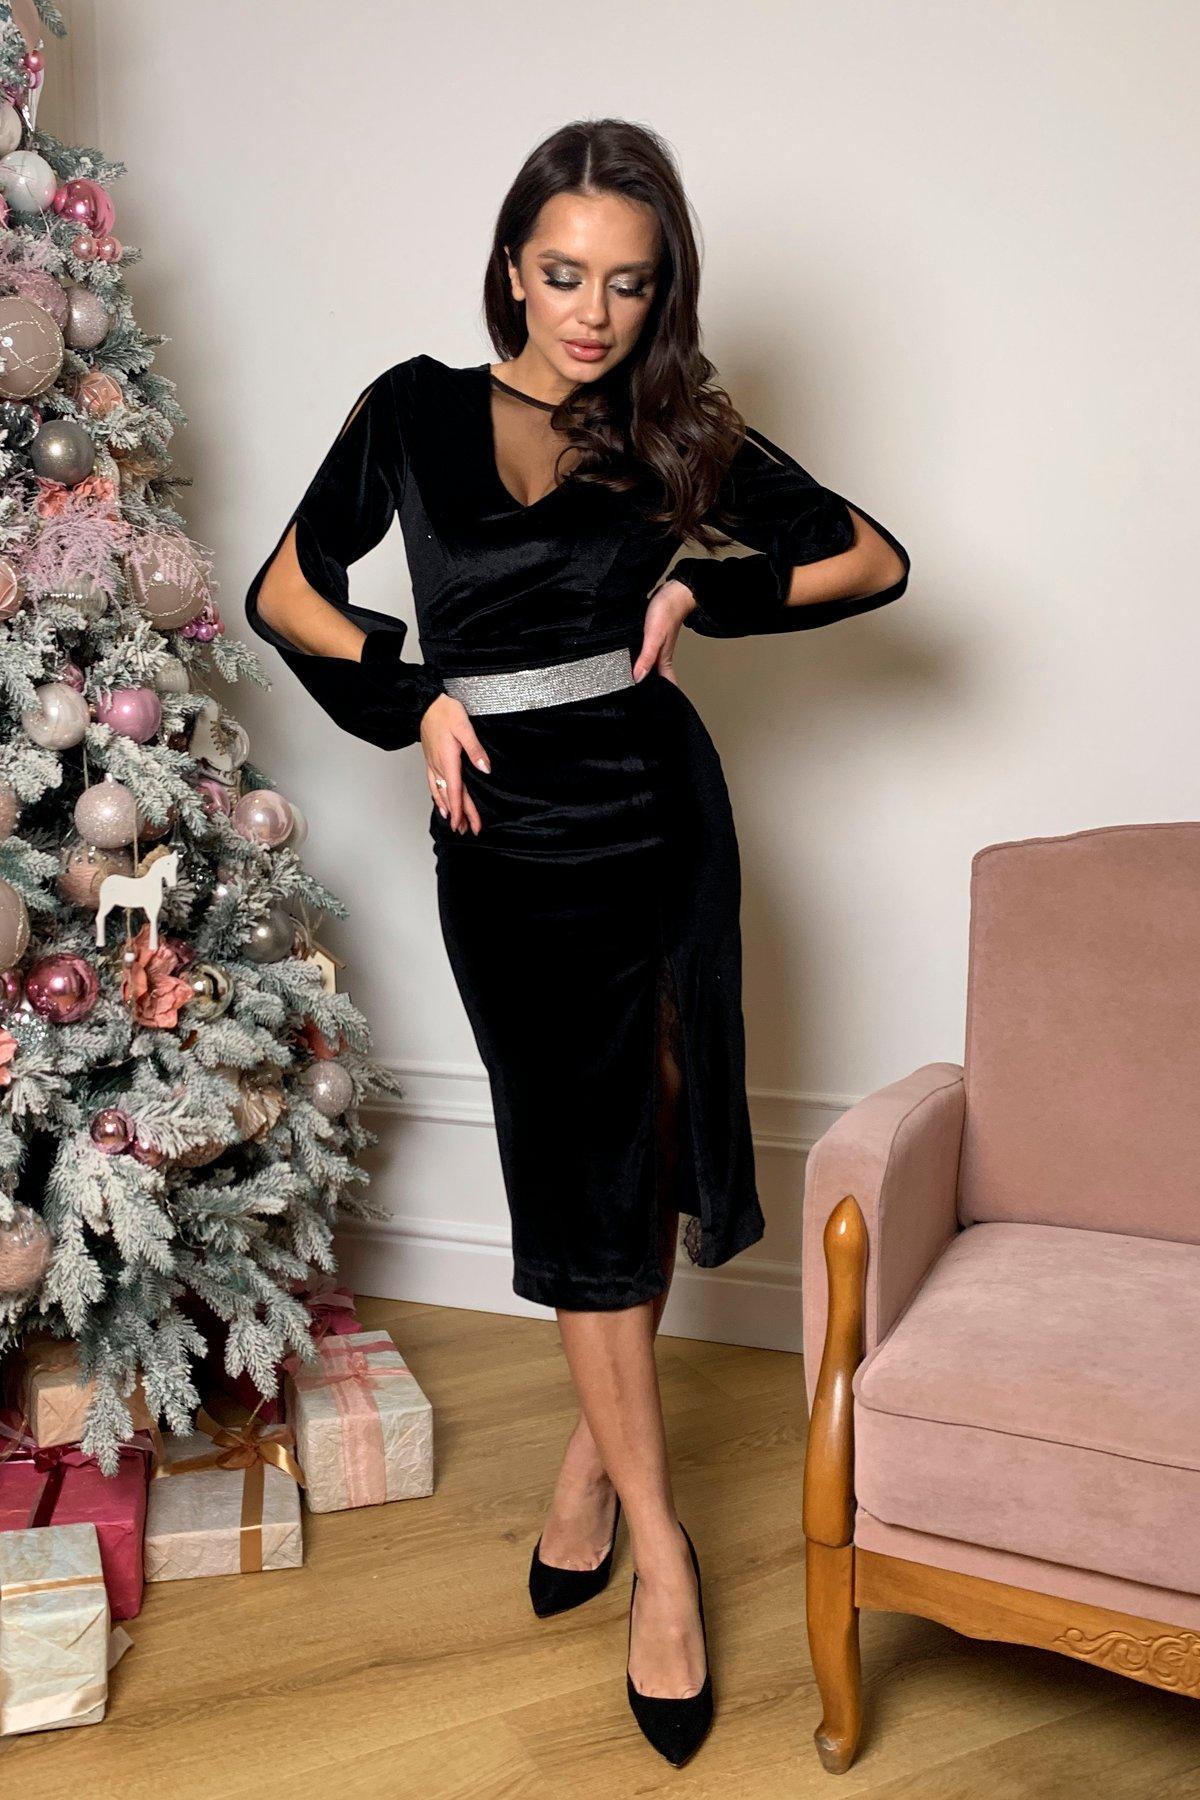 Нарядное велюровое платье Блек 8647 АРТ. 44963 Цвет: Черный - фото 2, интернет магазин tm-modus.ru